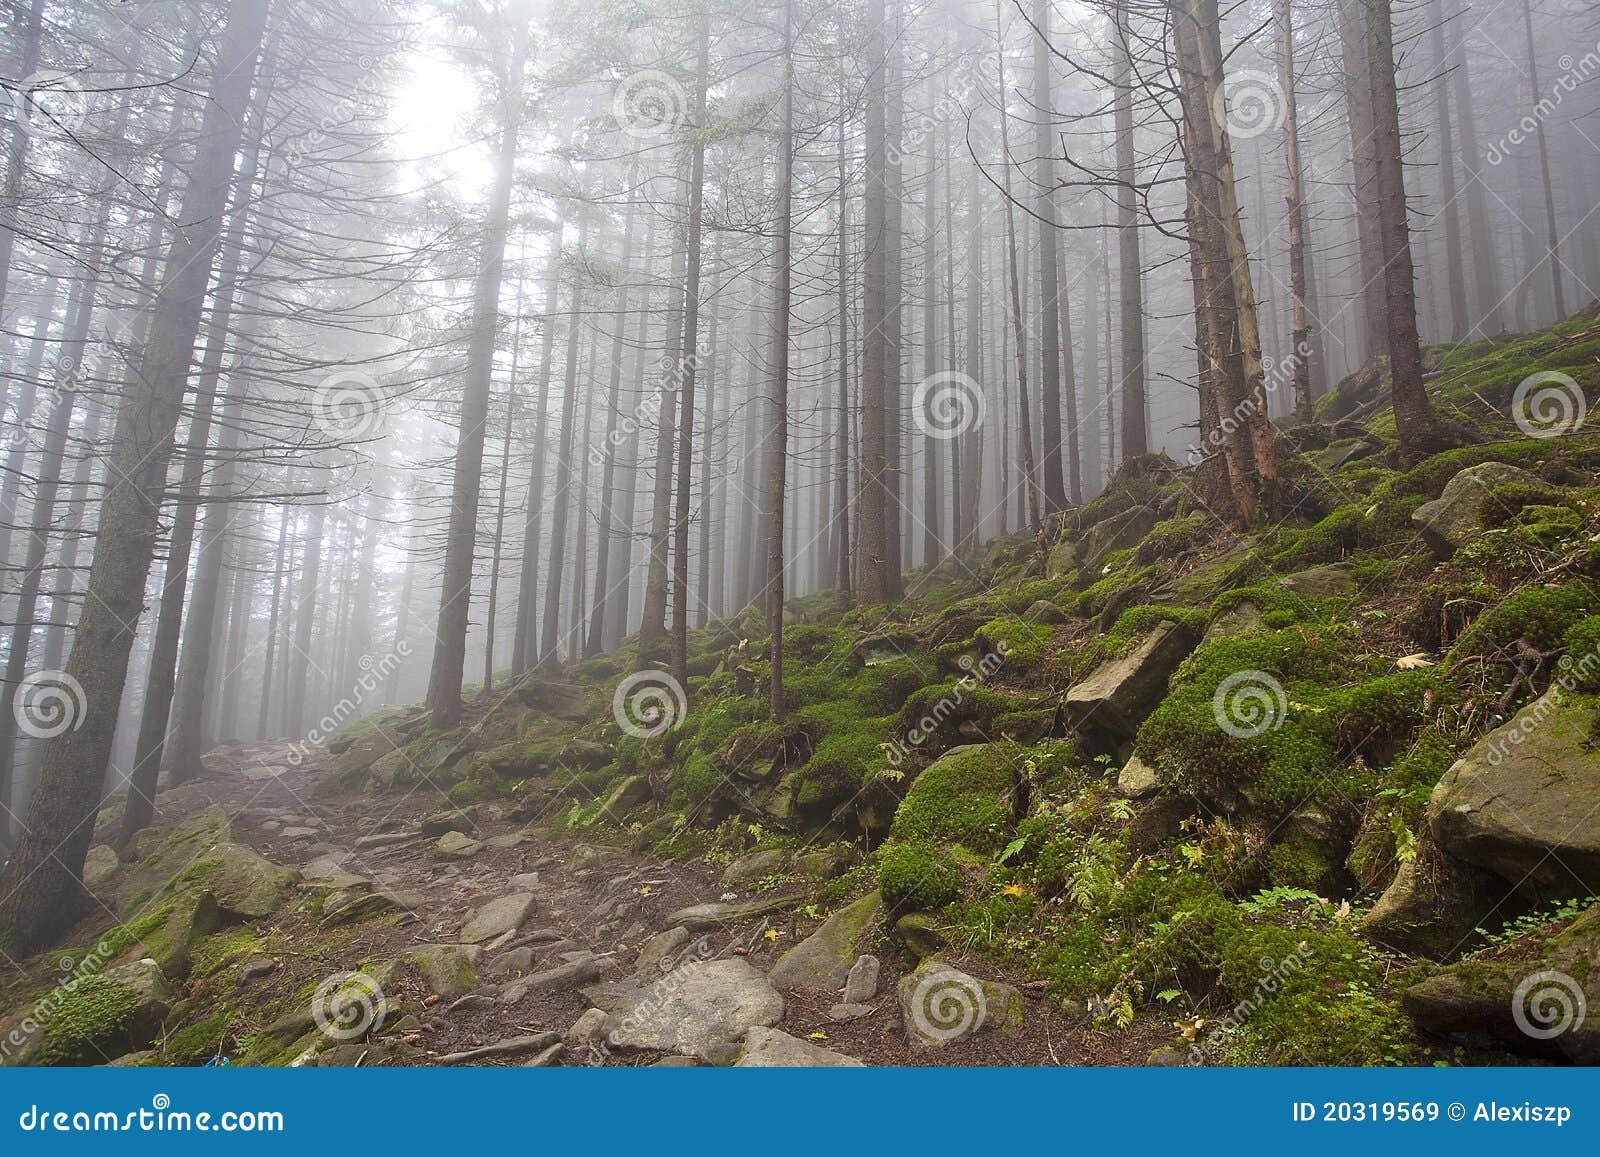 Queda mágica da floresta com névoa